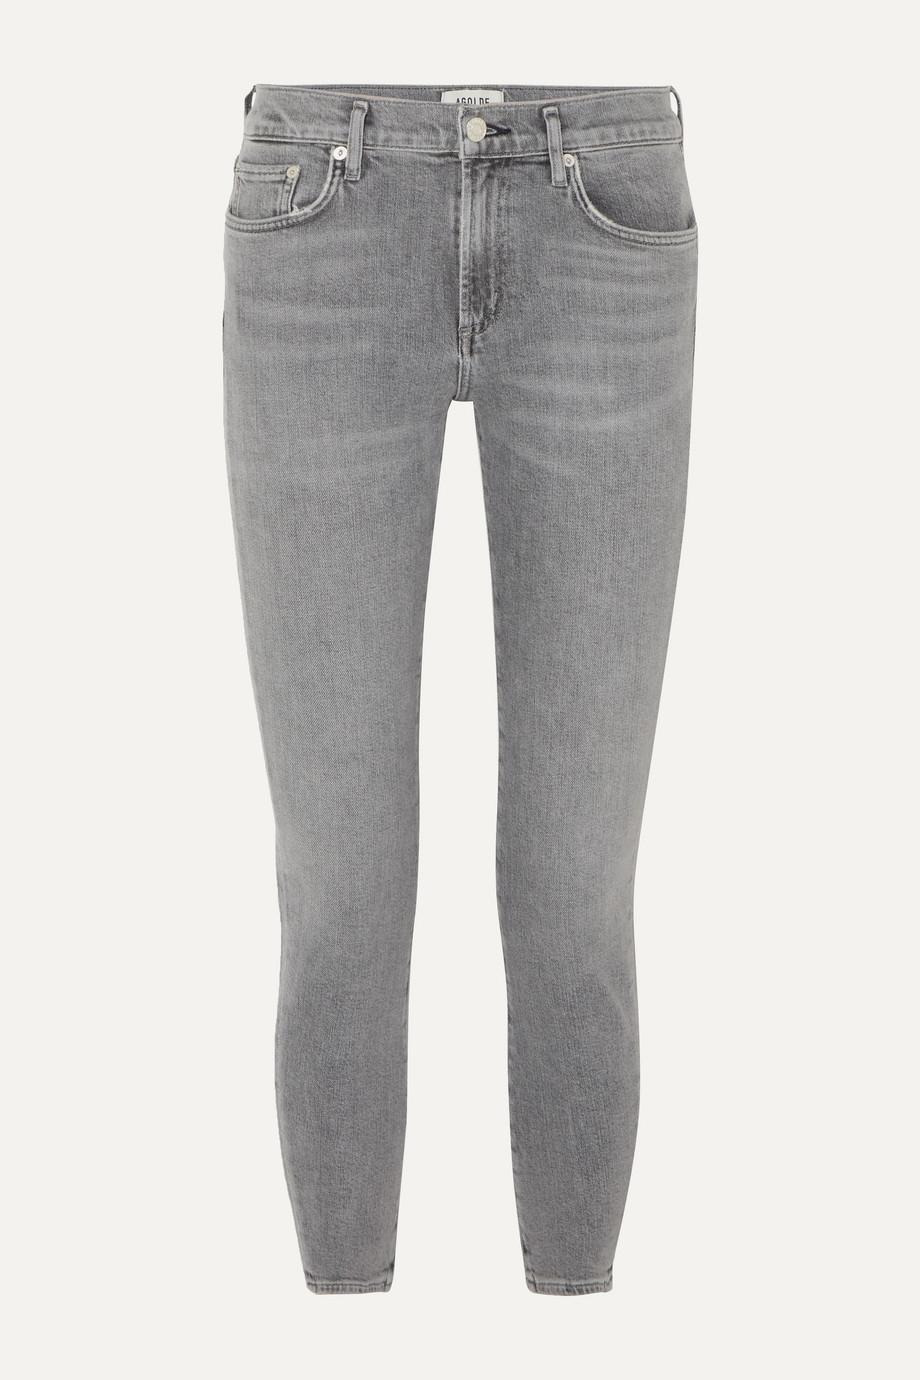 AGOLDE Toni mid-rise straight-leg jeans